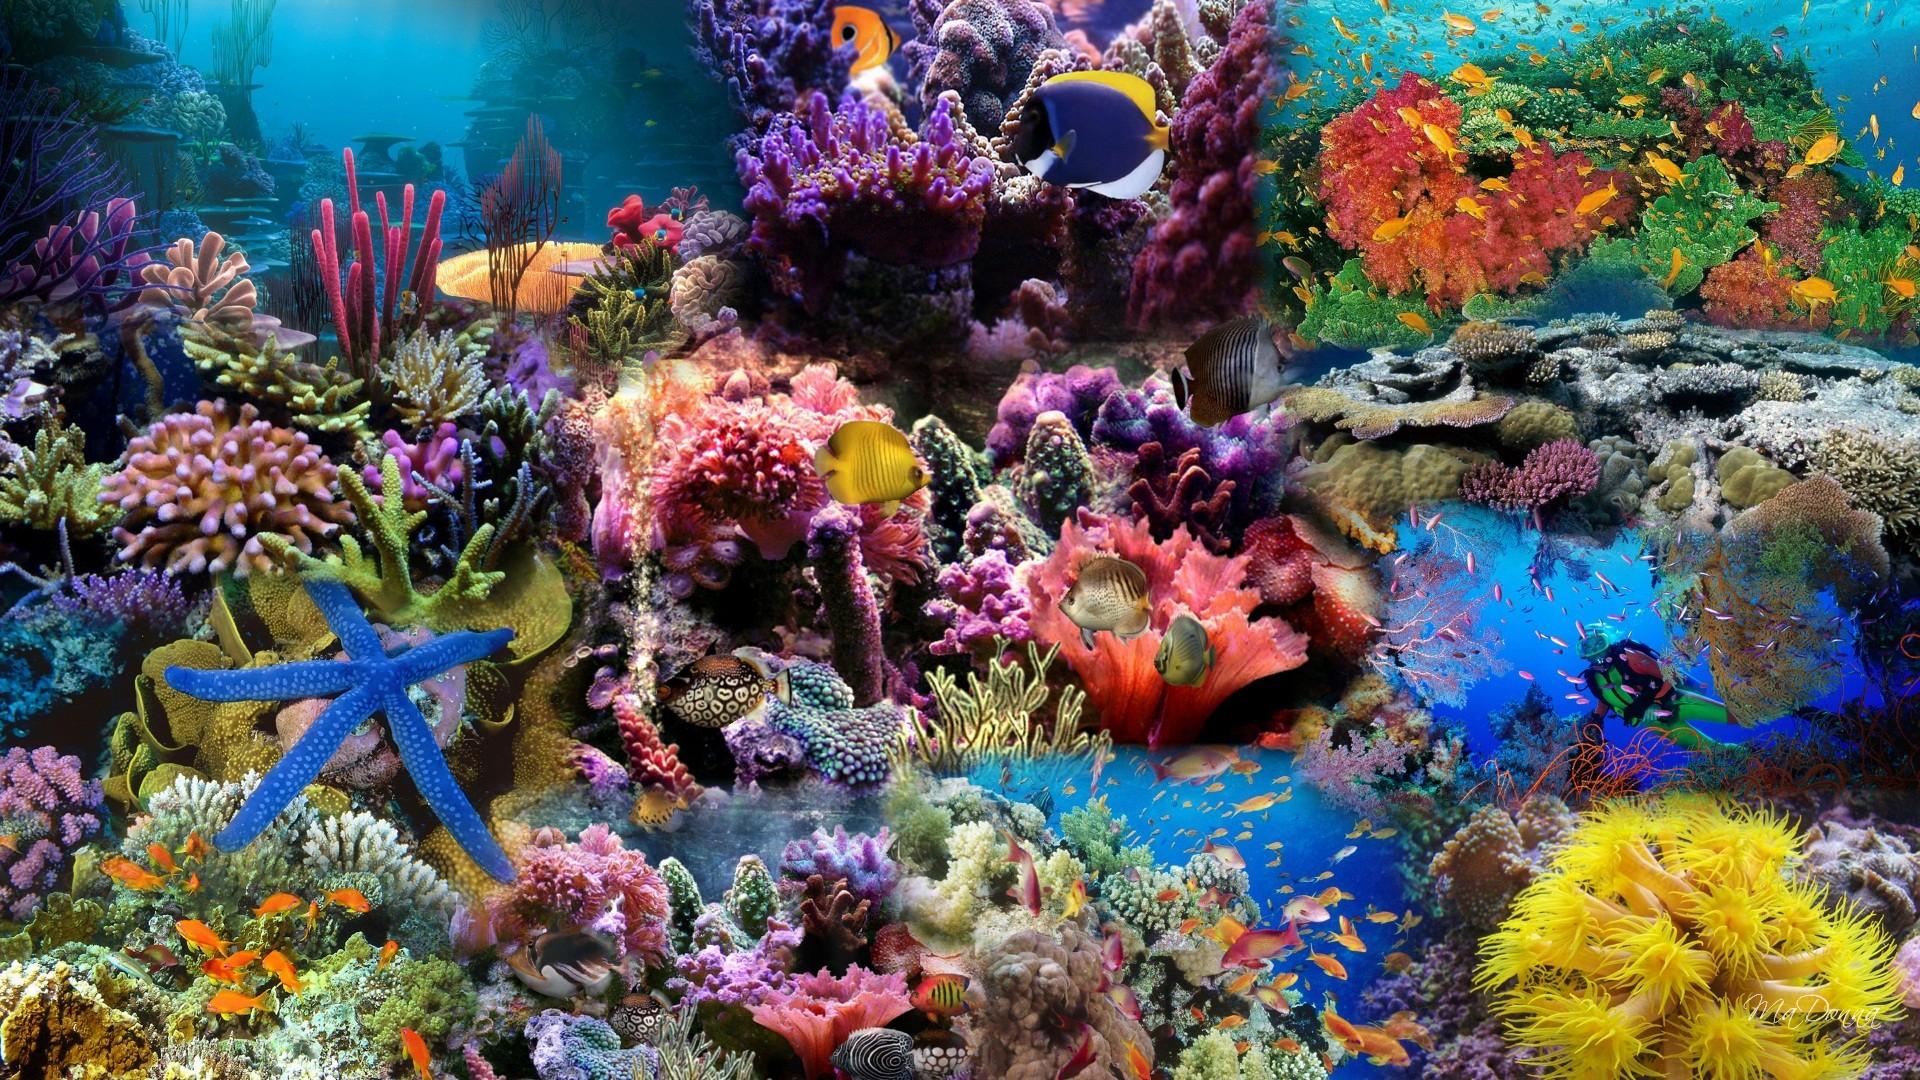 HD Aquarium Background Wallpaper 1920x1080